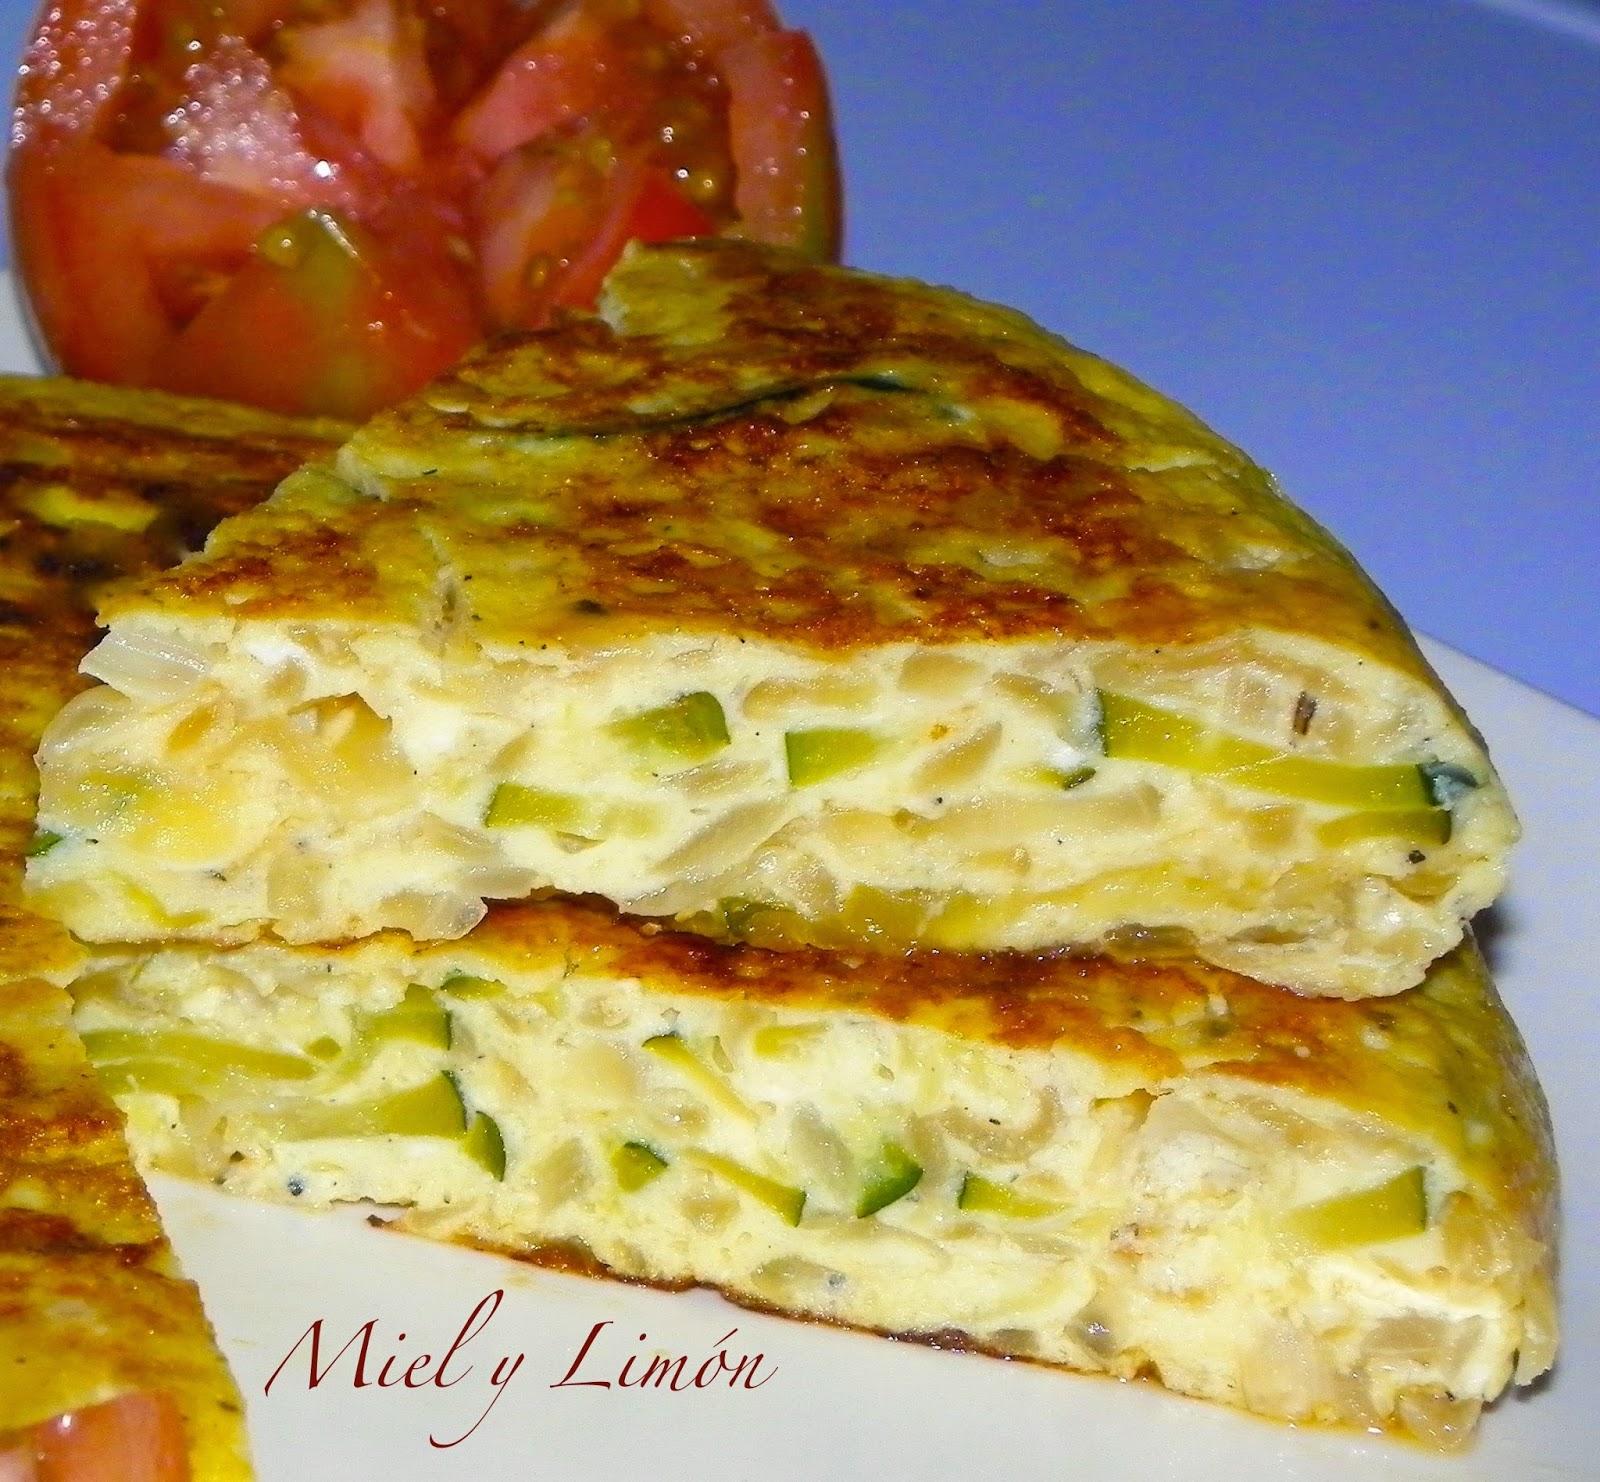 Miel y lim n tortilla de cebolla y calabac n 6 sp raci n - Tortilla de calabacin y cebolla ...